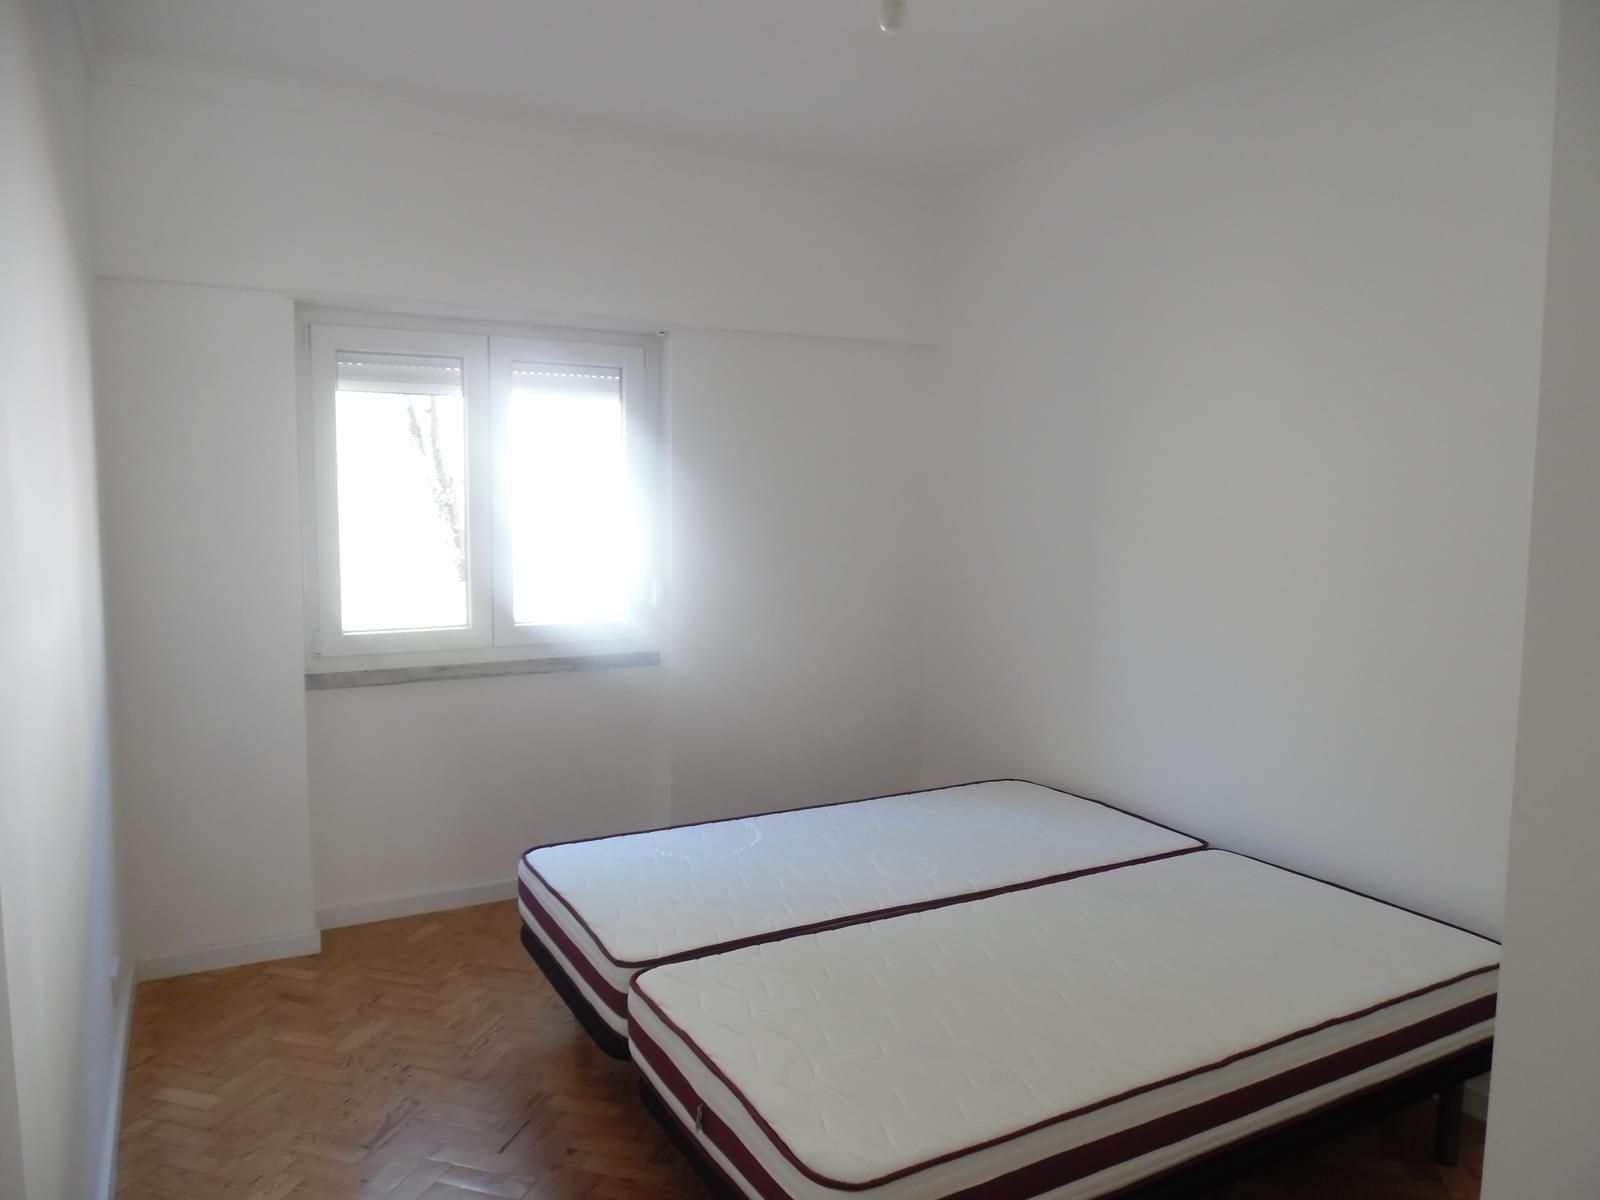 pf17256-apartamento-t2-lisboa-a69a030b-7233-46d2-bf28-fb925a97e2a2